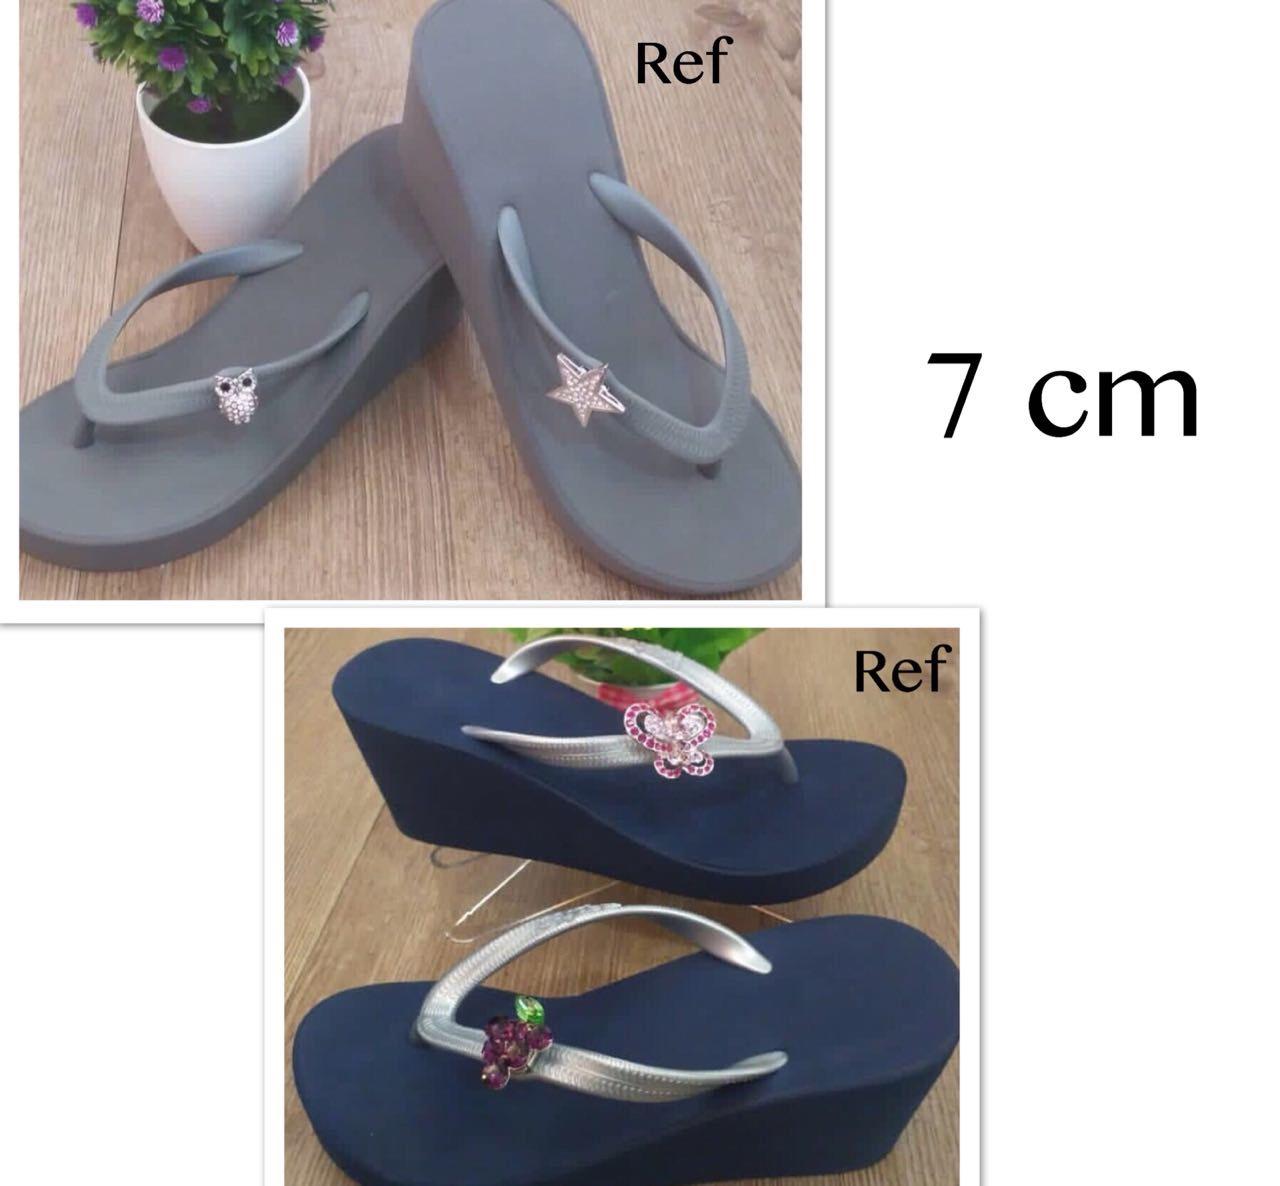 Jual Sandal popits kw 7cm tanpa pin murah - TAKSU STORE ... 0e3f9d9a6a